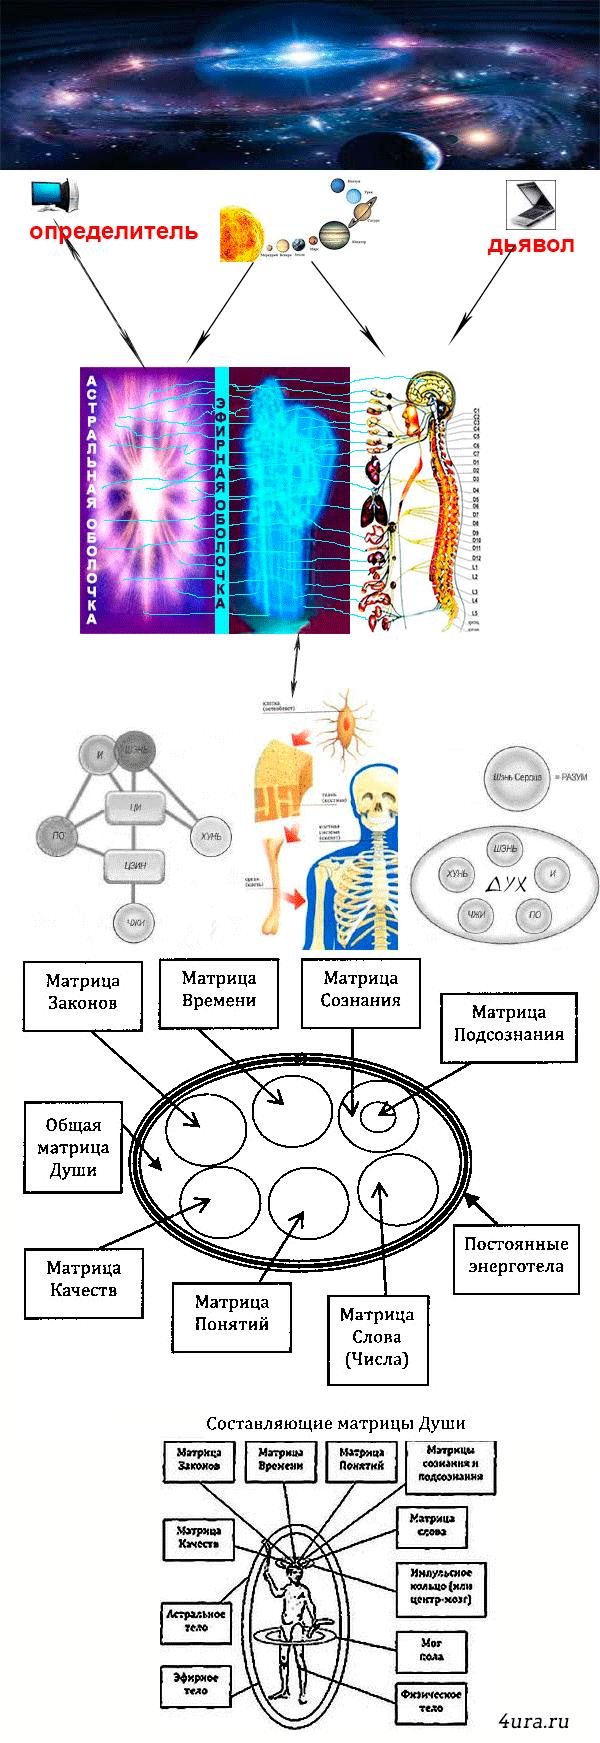 Первичная энергия человека